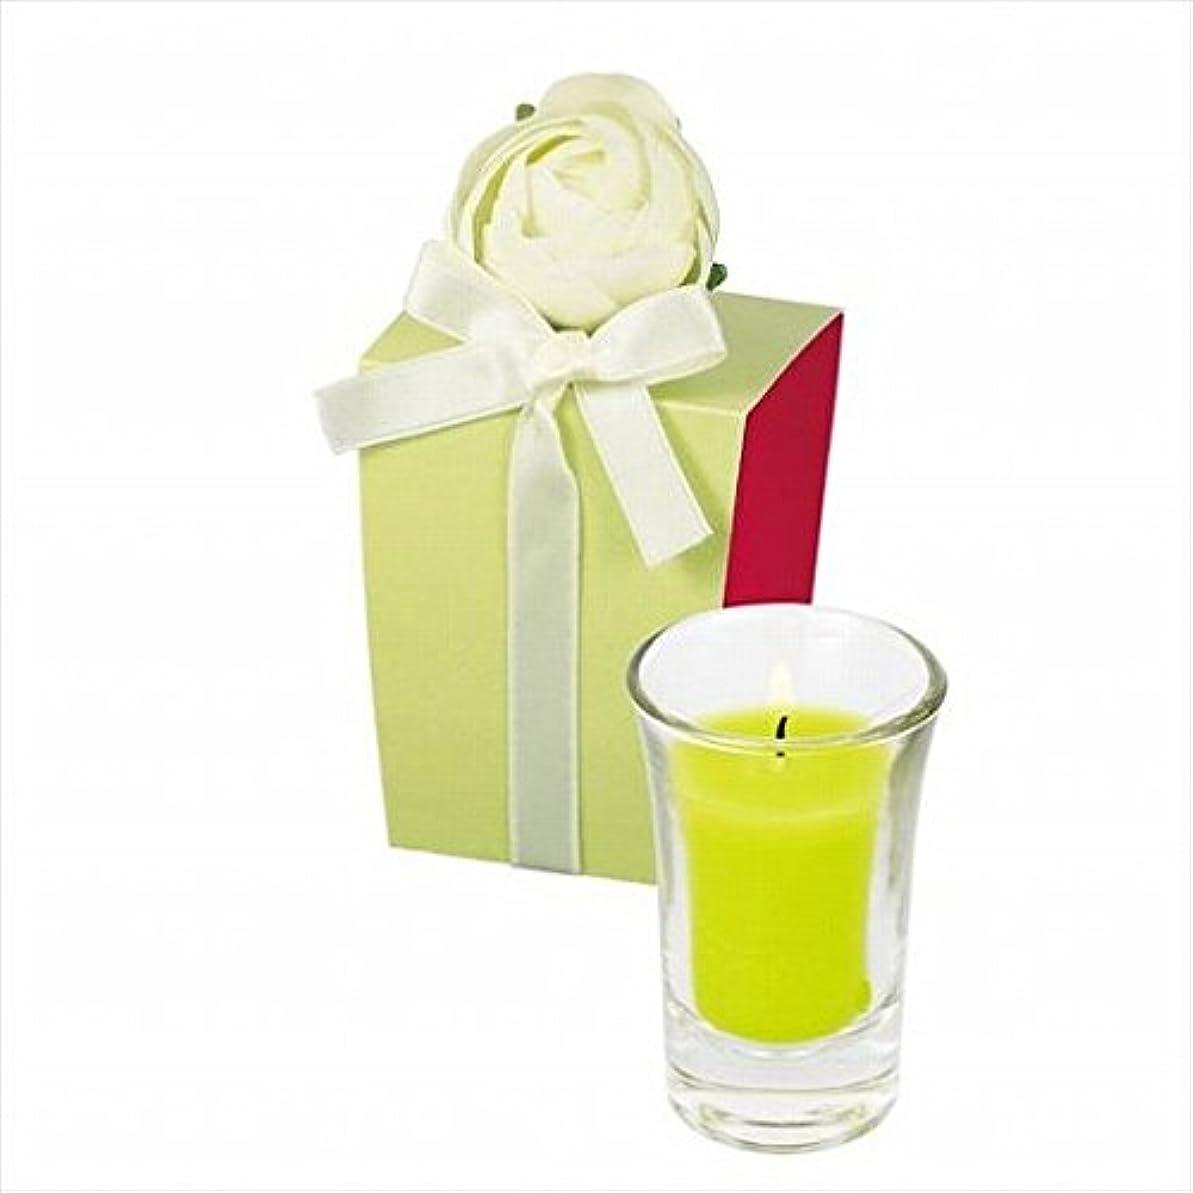 空気書き出す散逸kameyama candle(カメヤマキャンドル) ラナンキュラスグラスキャンドル 「 ライトグリーン 」(A9390500LG)